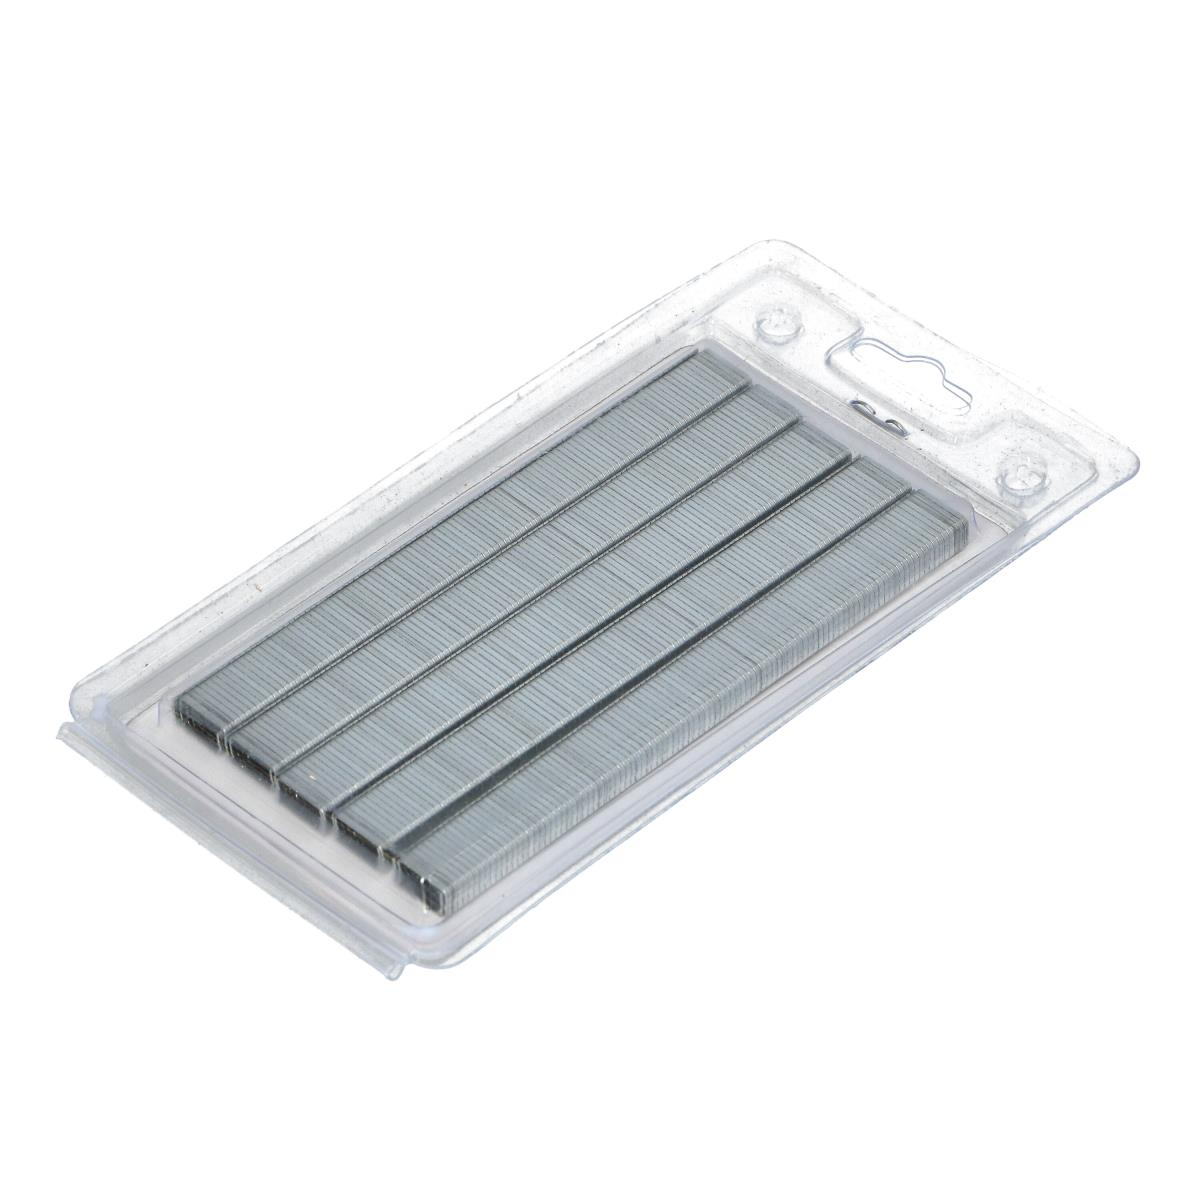 Tackerklammern 1000 Stück TYP G 8 mm Klammern Tacker Heftklammern,FASTER TOOLS,3571, 5907078935713